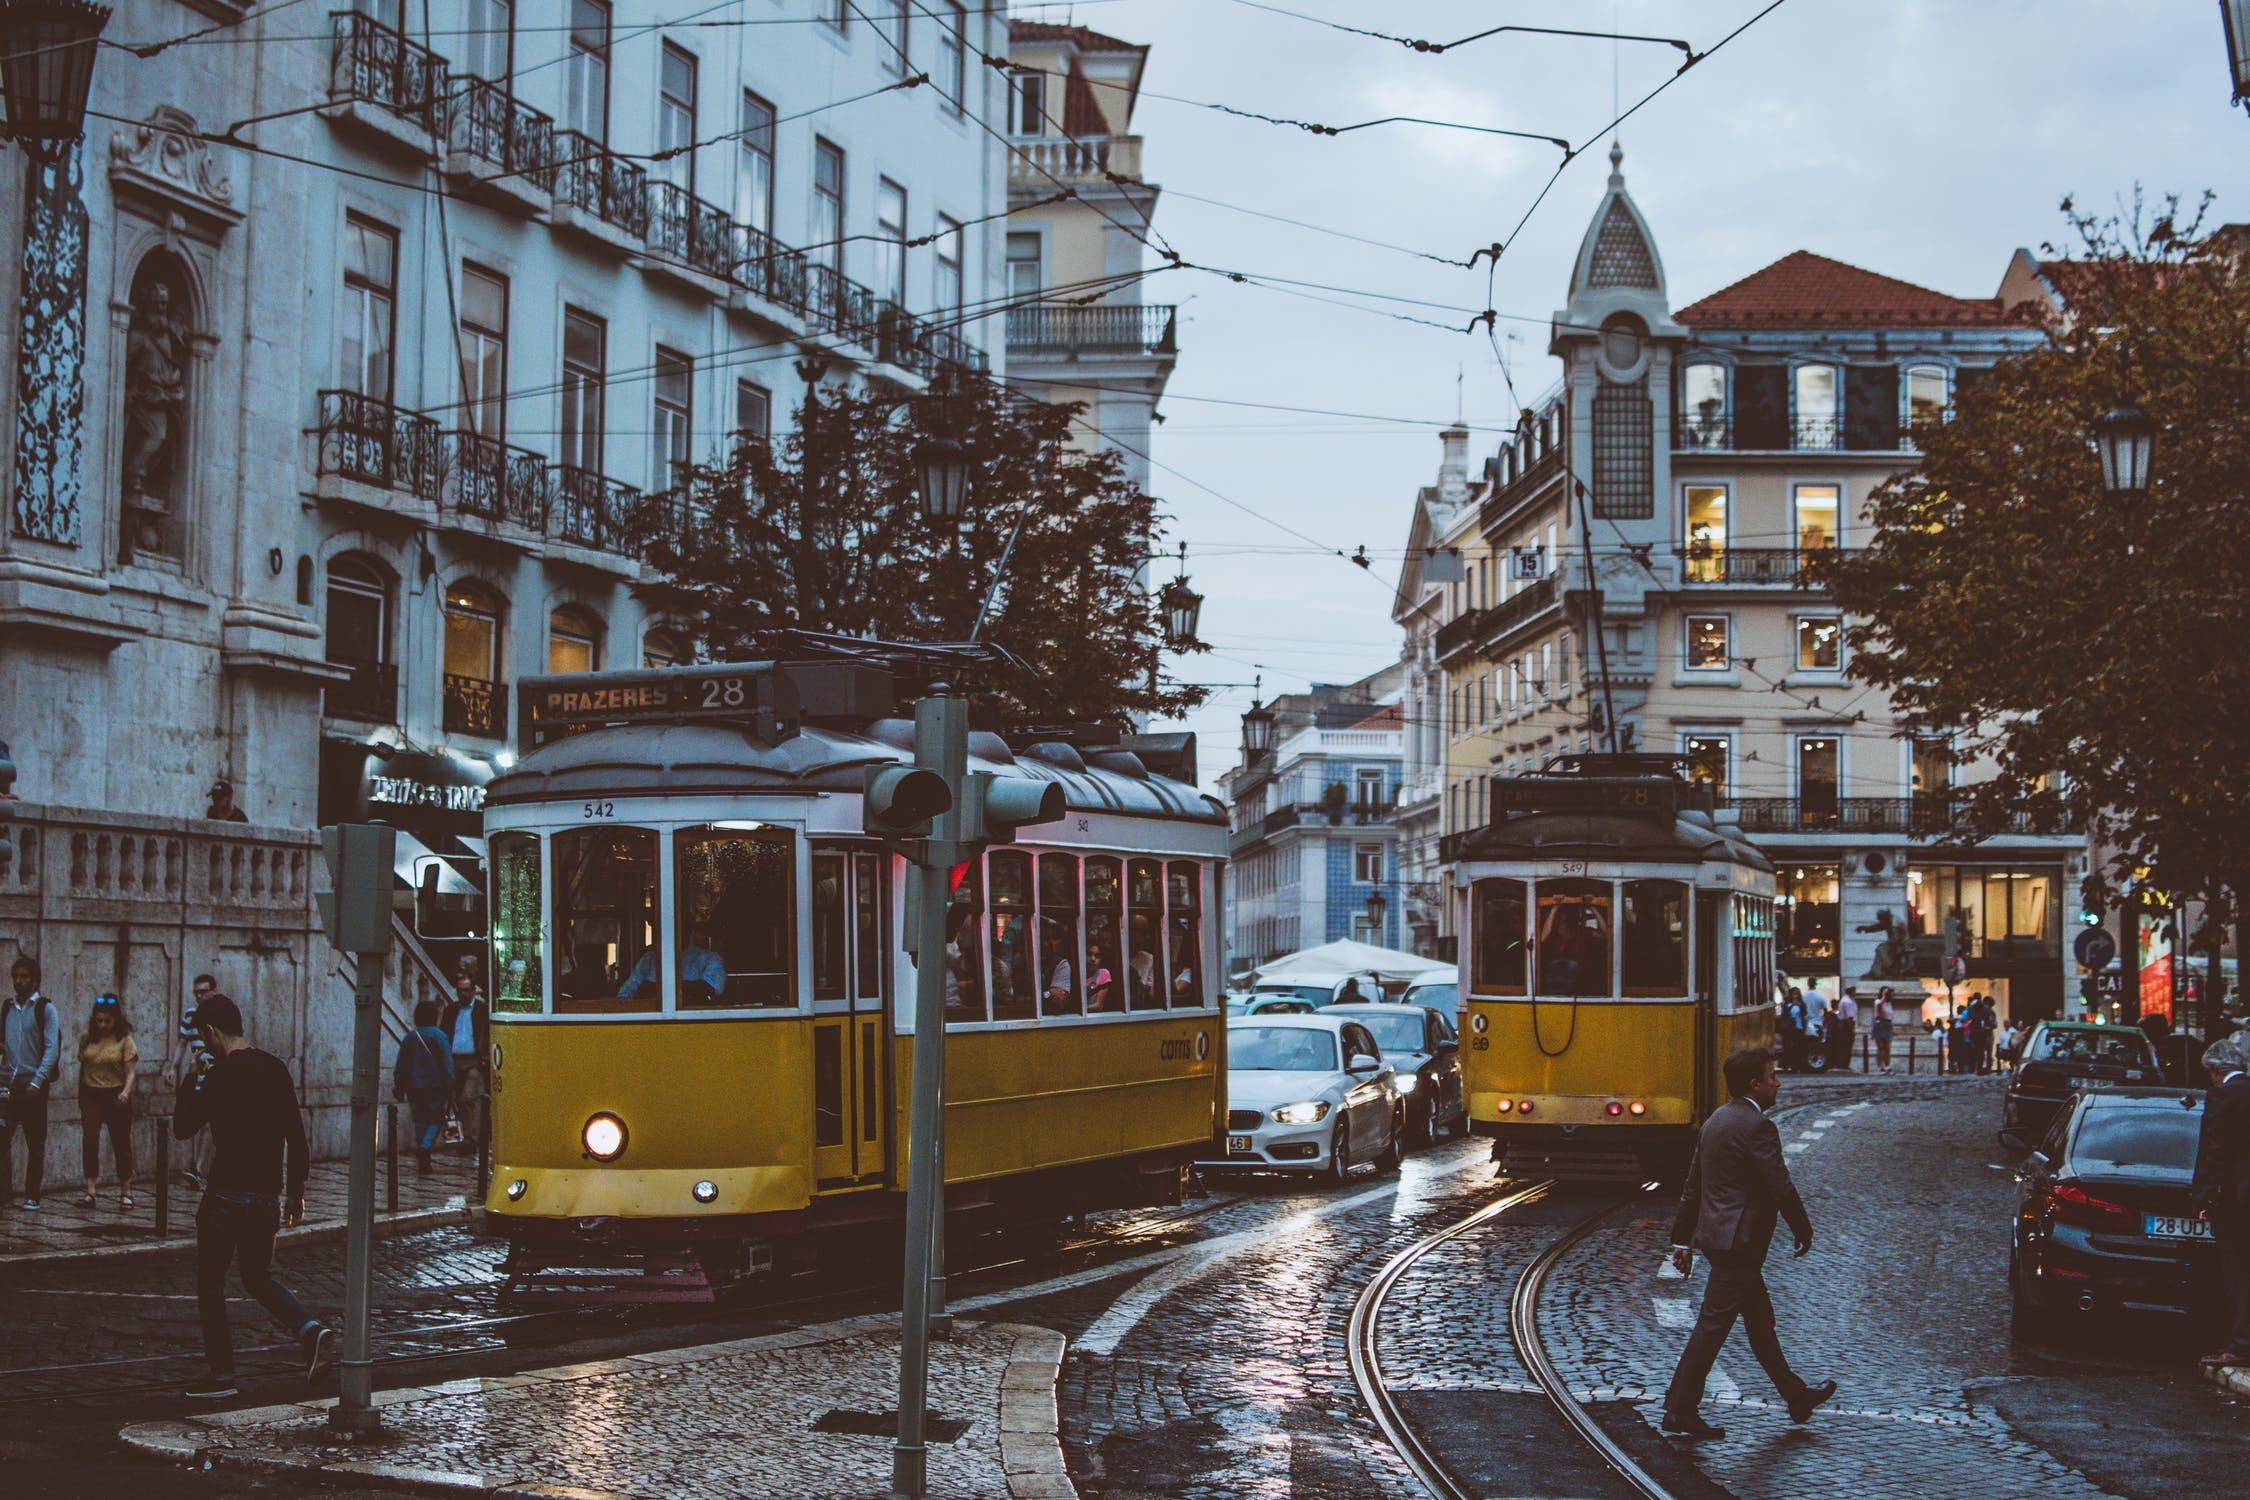 Visiter Lisbonne en hiver permet de découvrir la capitale portugaise sous un autre angle